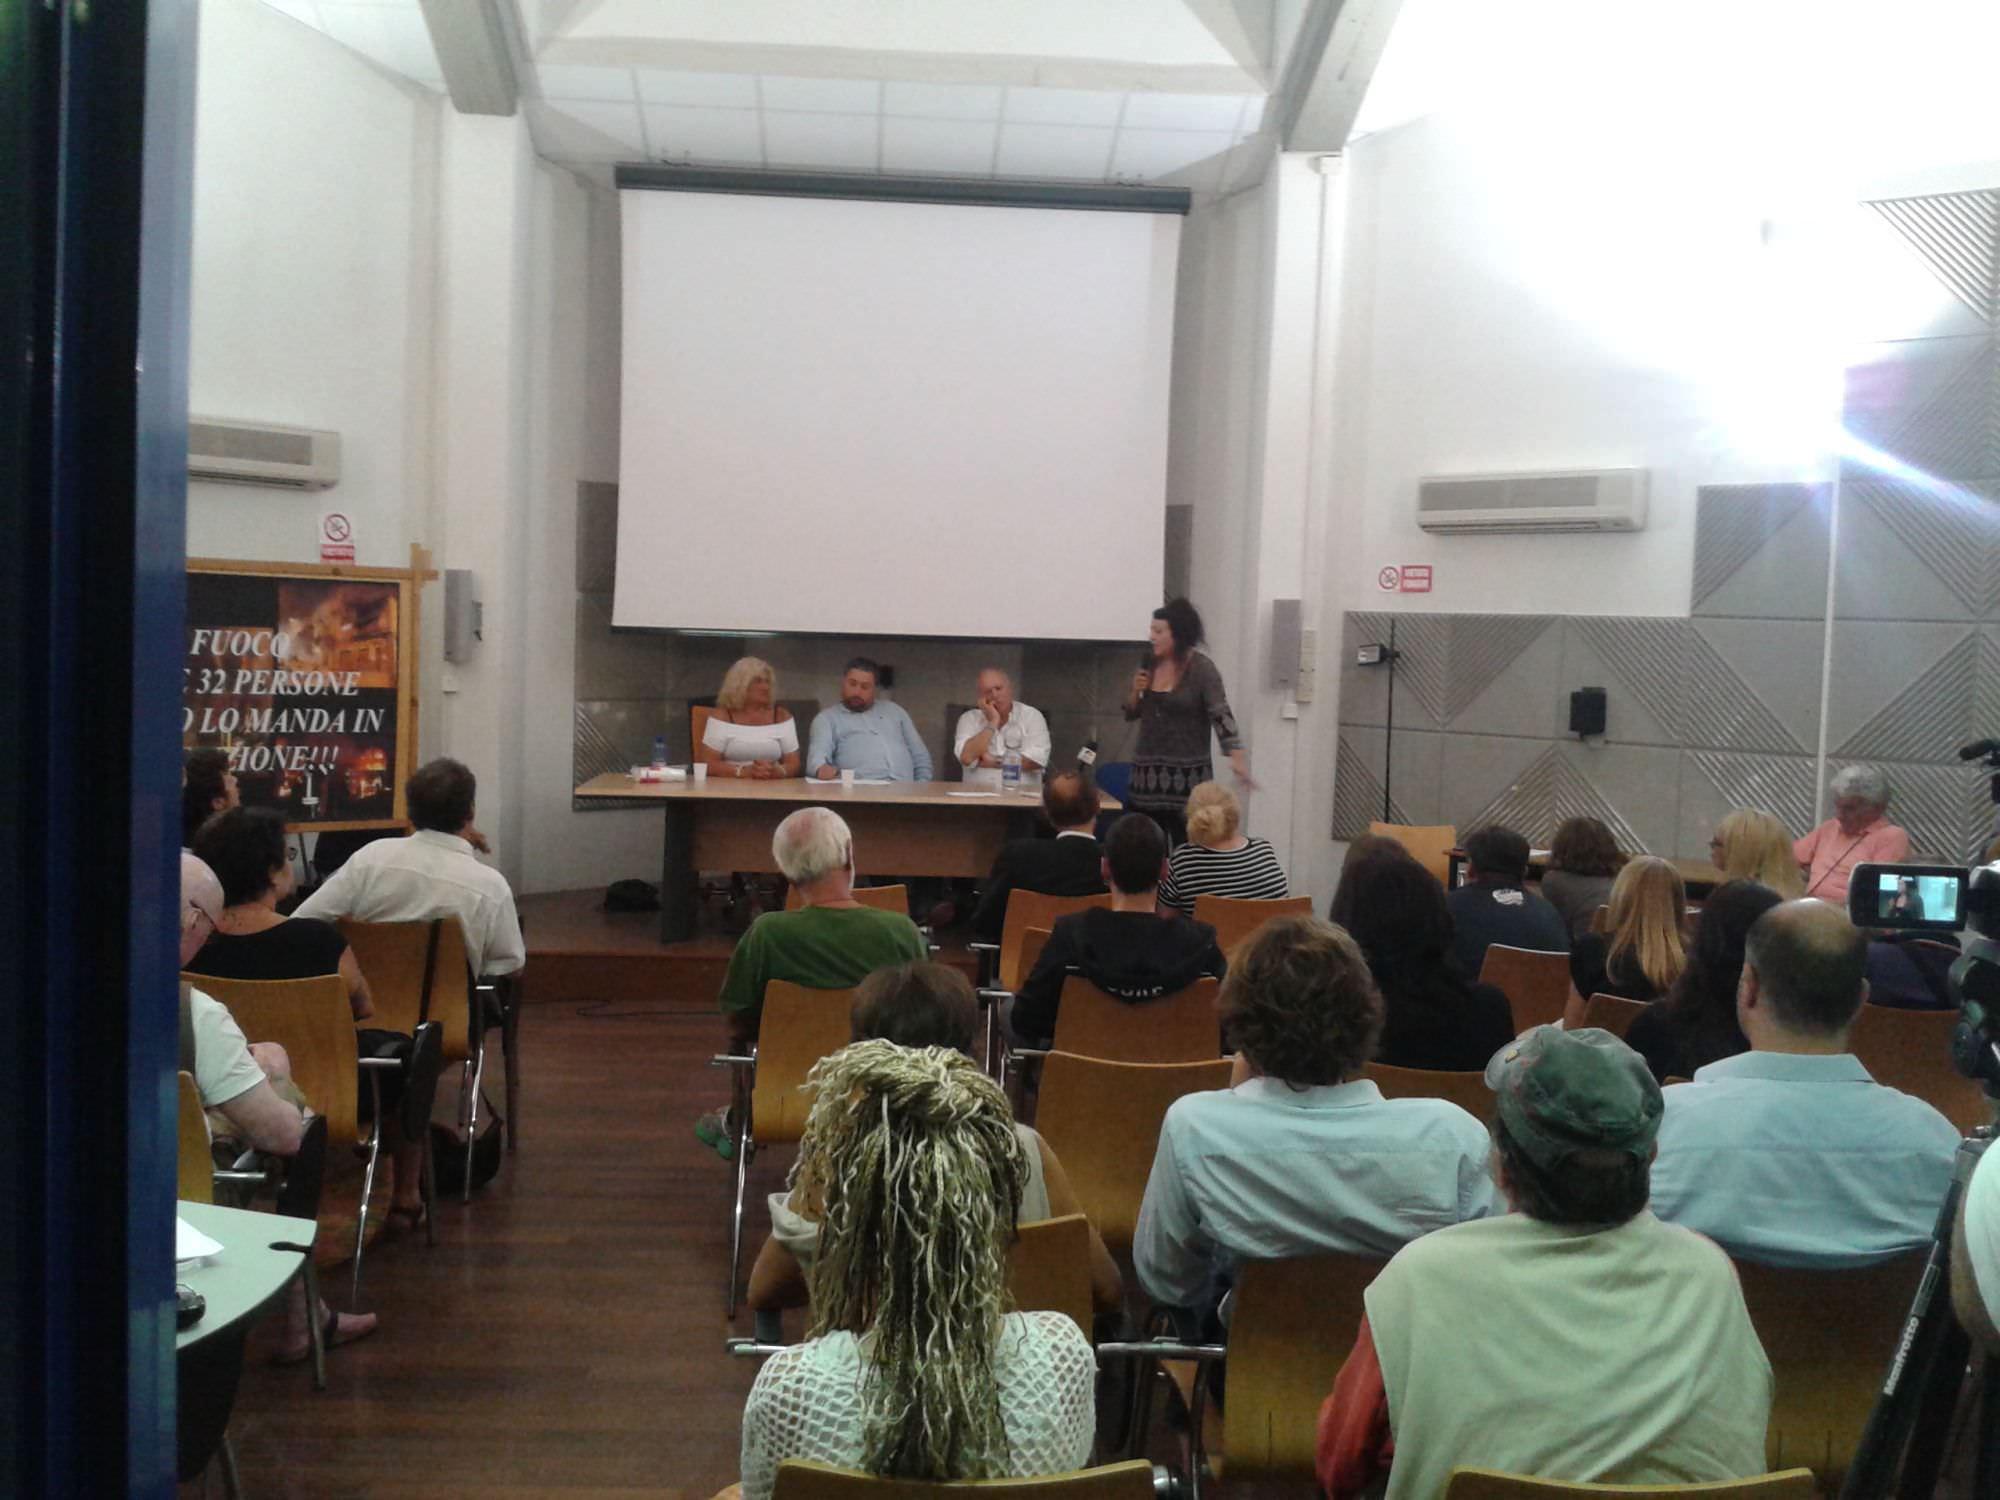 Cira Antignano e Guido Magherini insieme a Viareggio per chiedere giustizia e verità